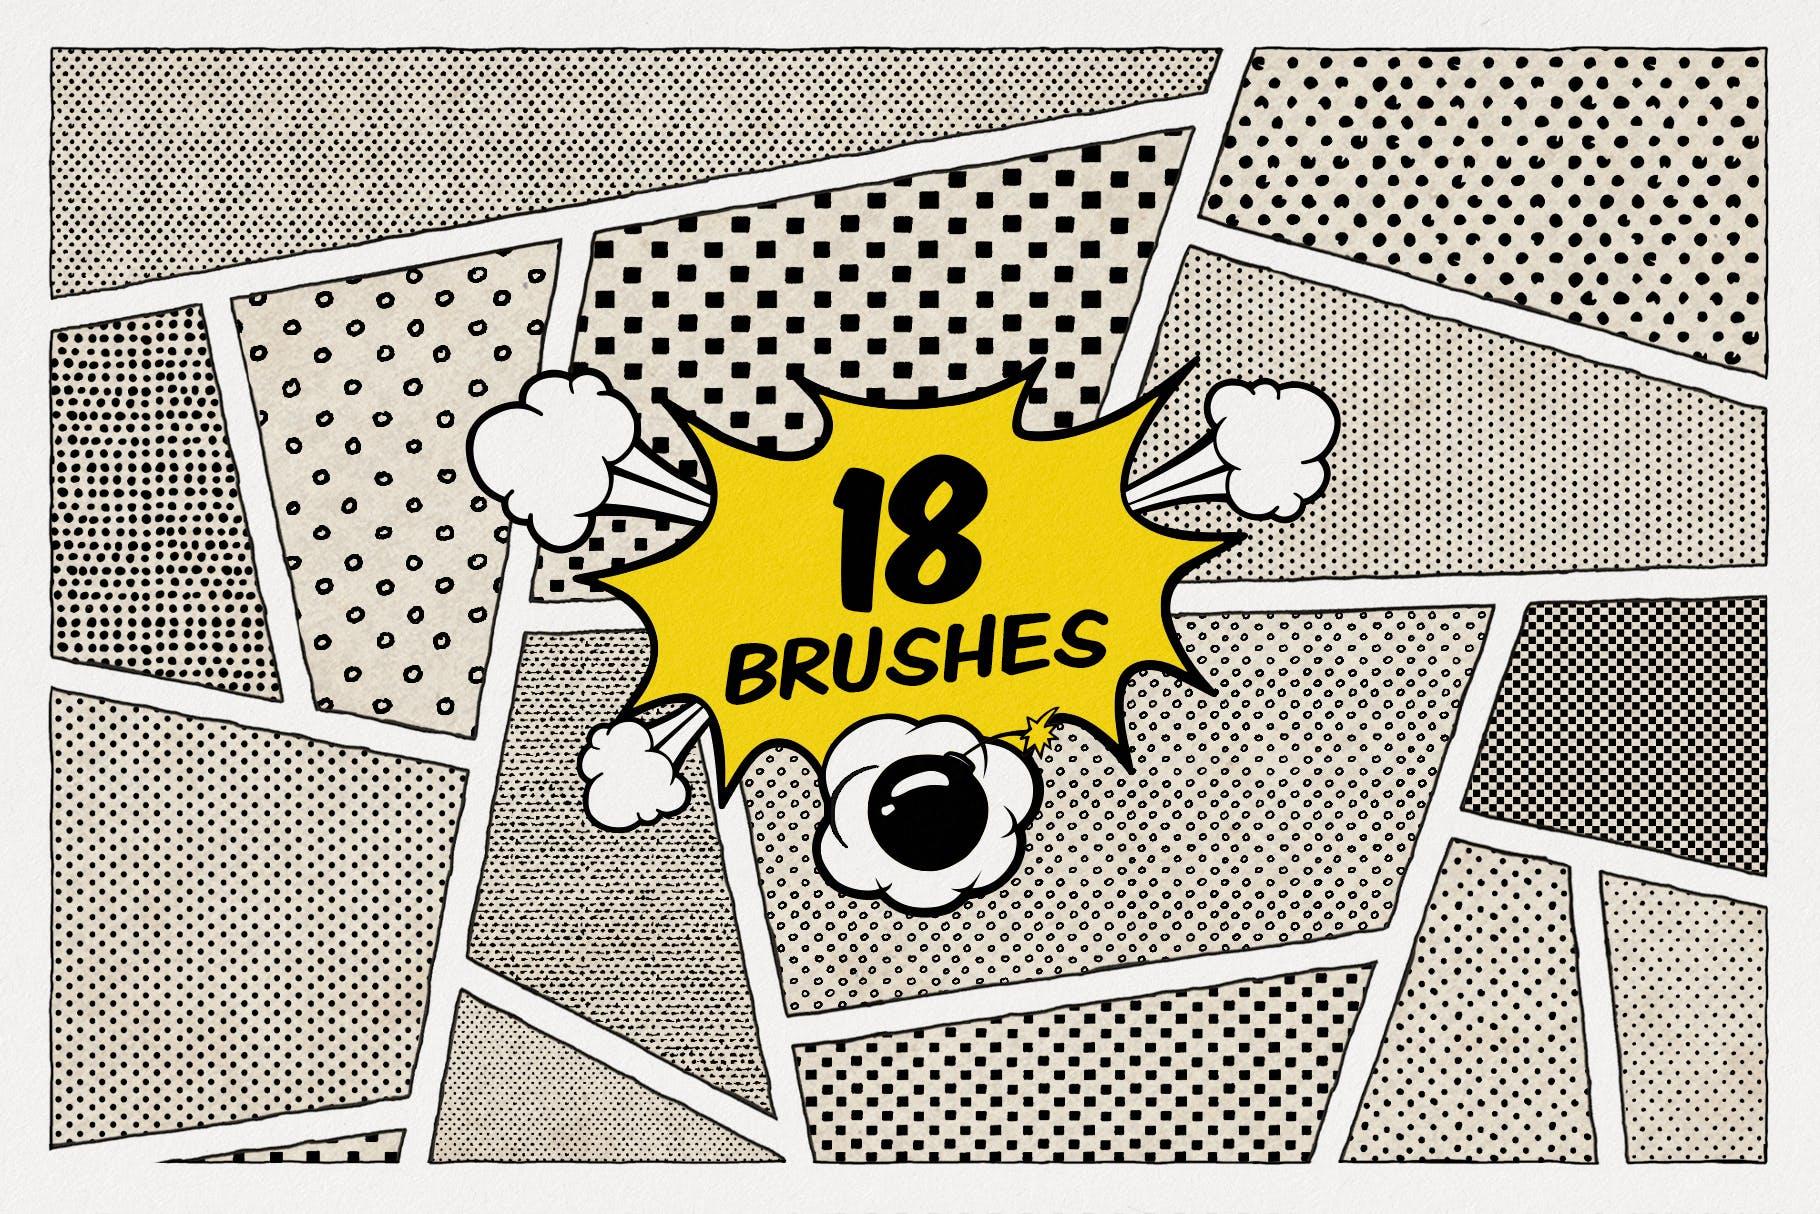 流行艺术文化点和正方形半色调Photoshop画笔笔刷designshidai_bishua090